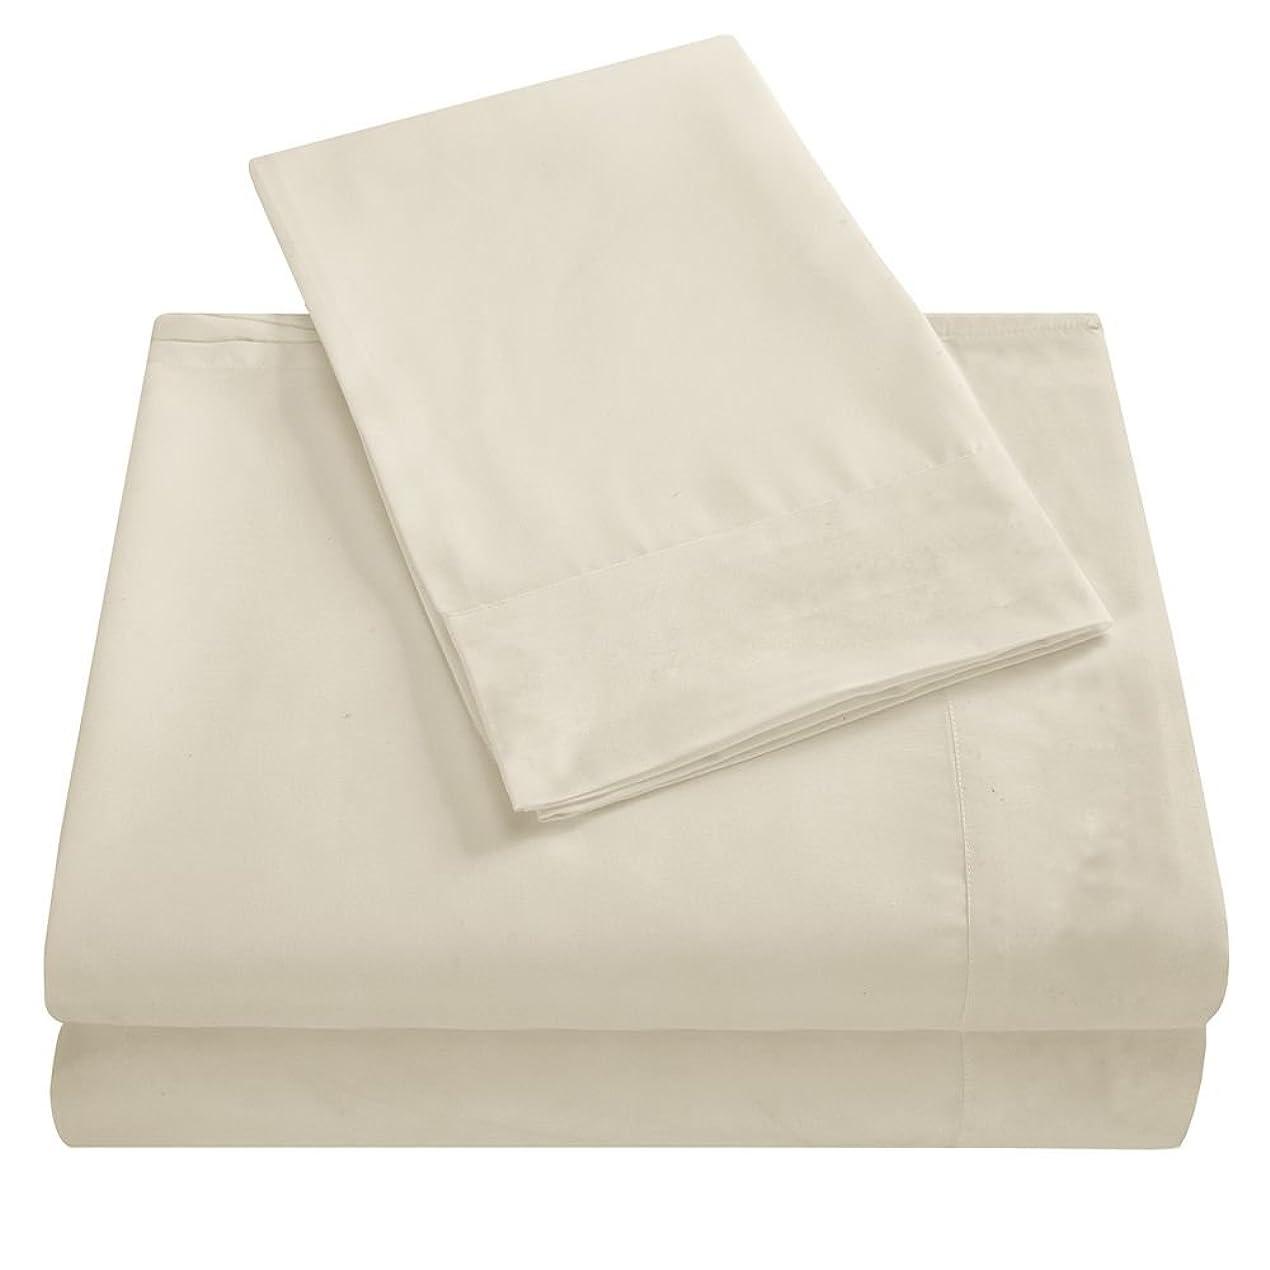 JK Home シンプル 寝具 ボックスシーツ フラットシーツ 枕カバー セット 薄手 ベットカバー オールシーズン クリーム 超キング(4点セット)XXL